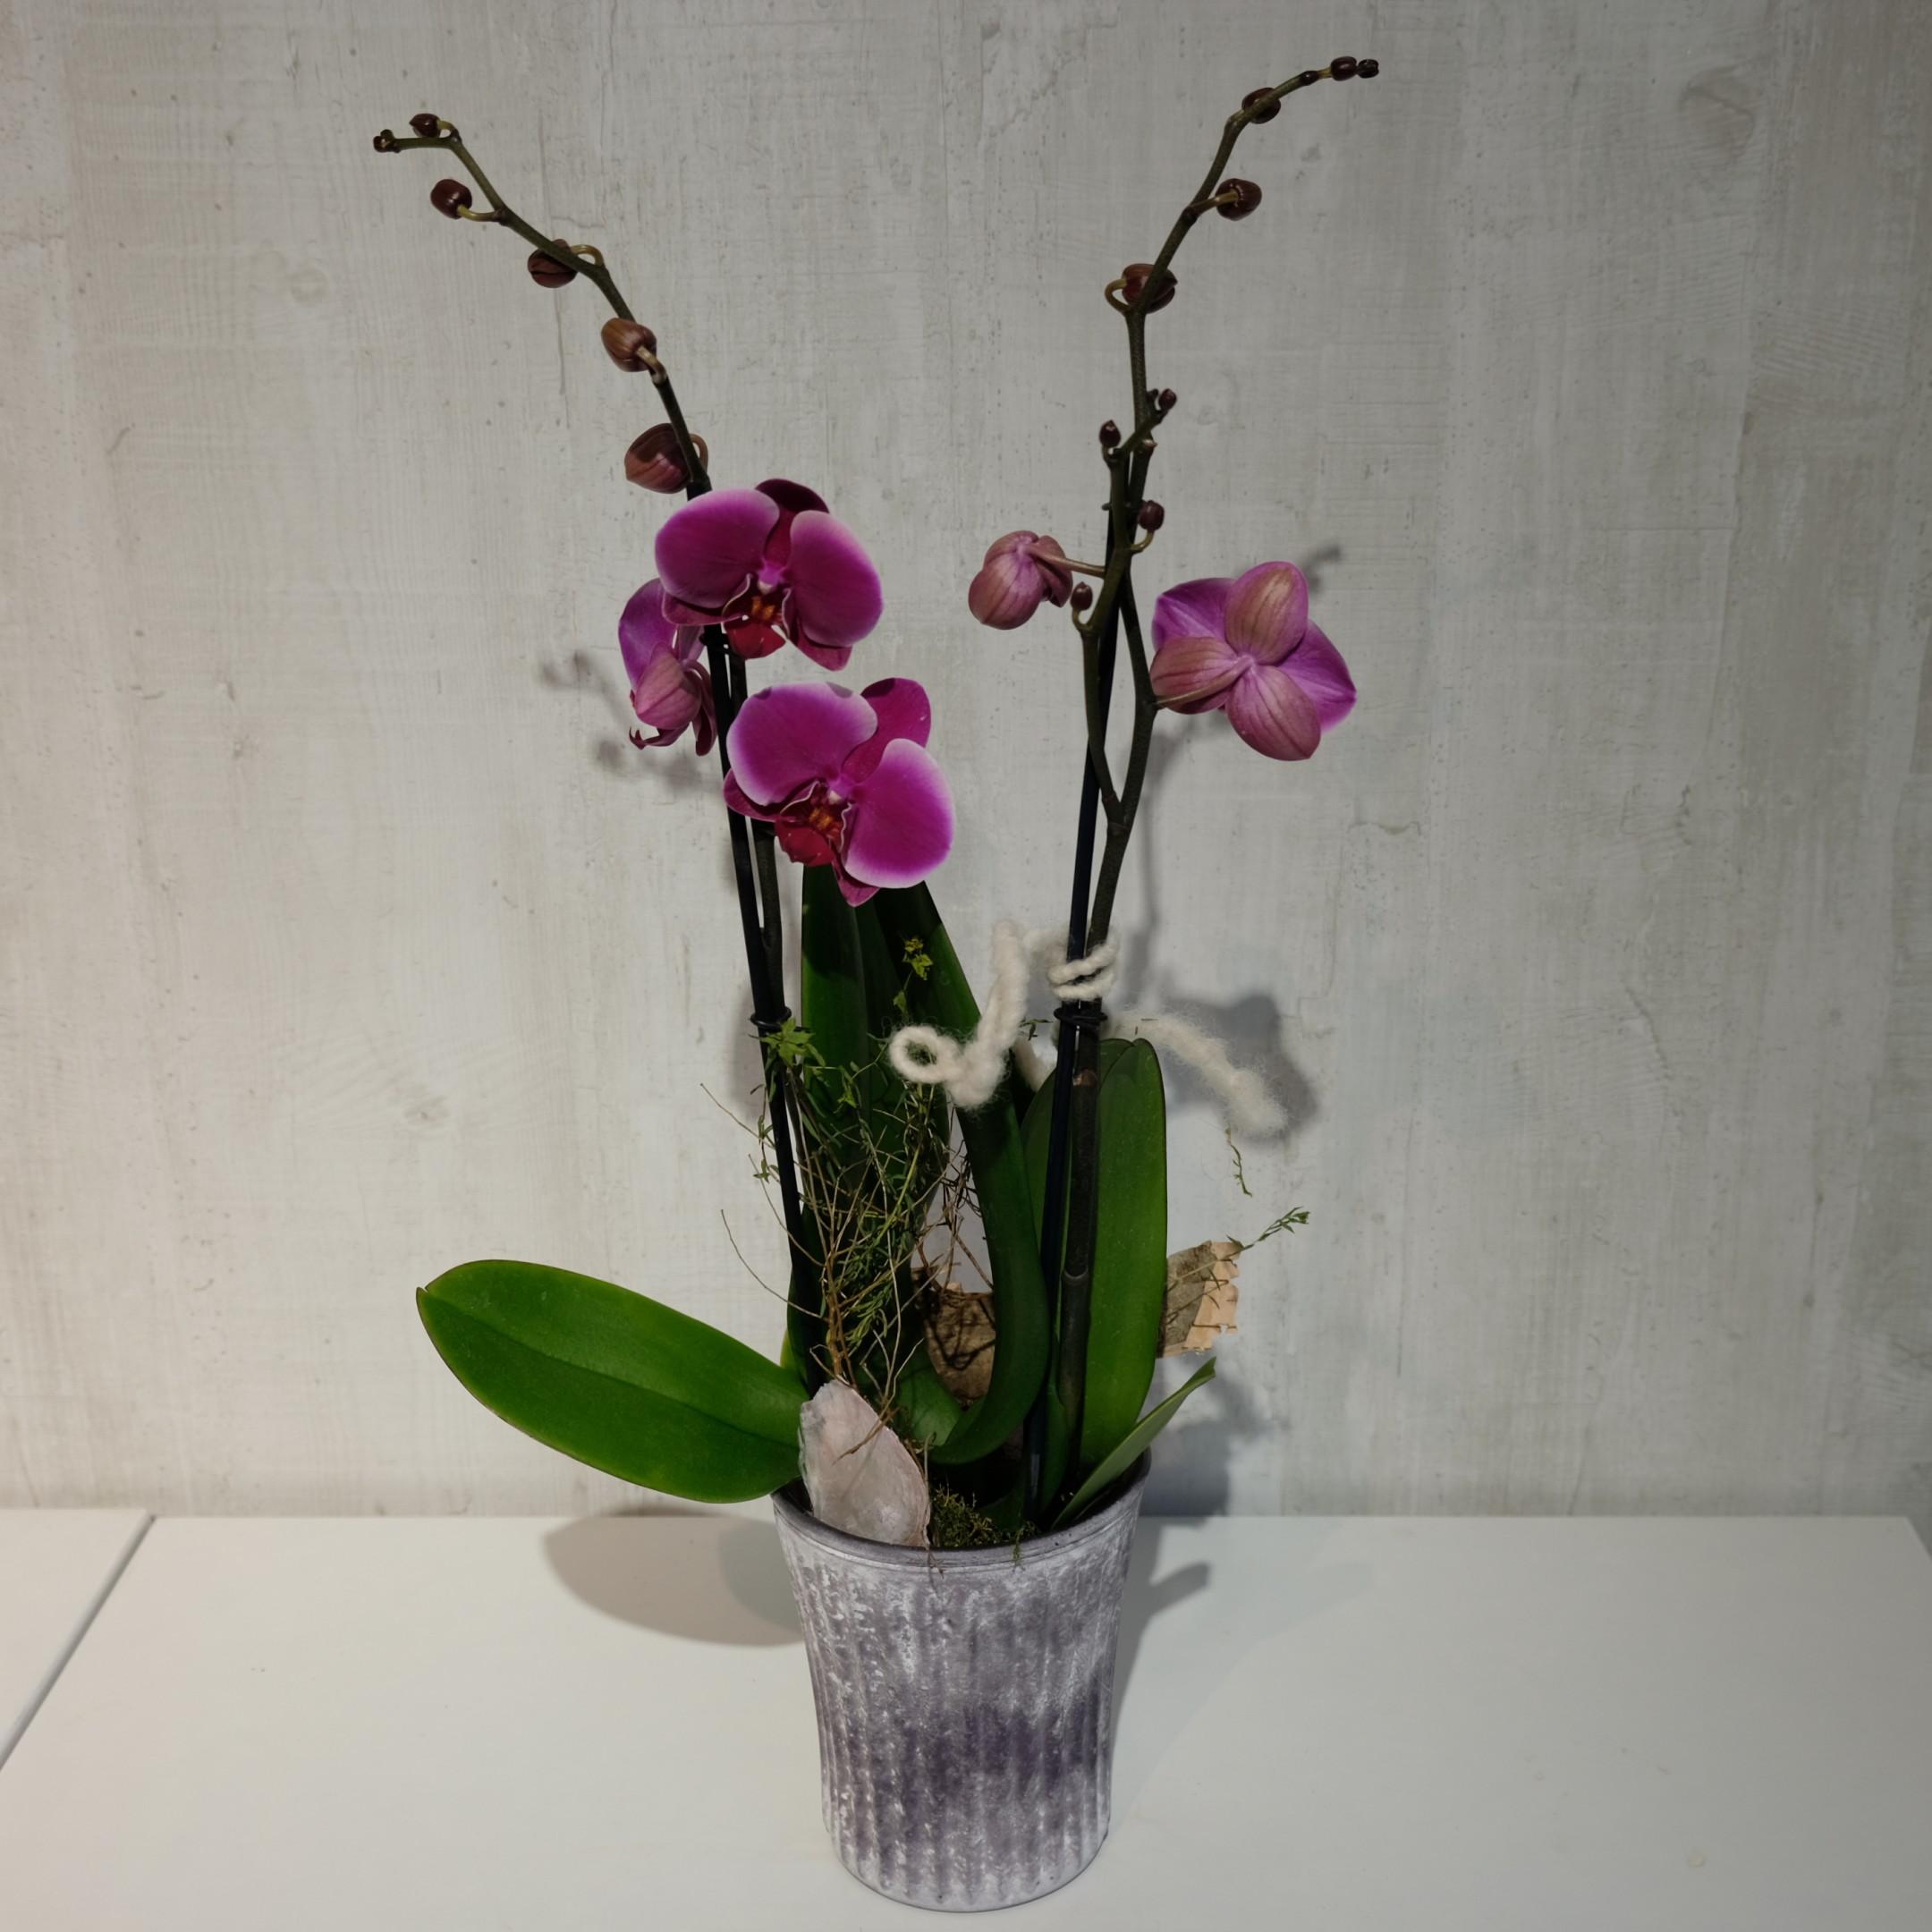 Orchidee Bild 4